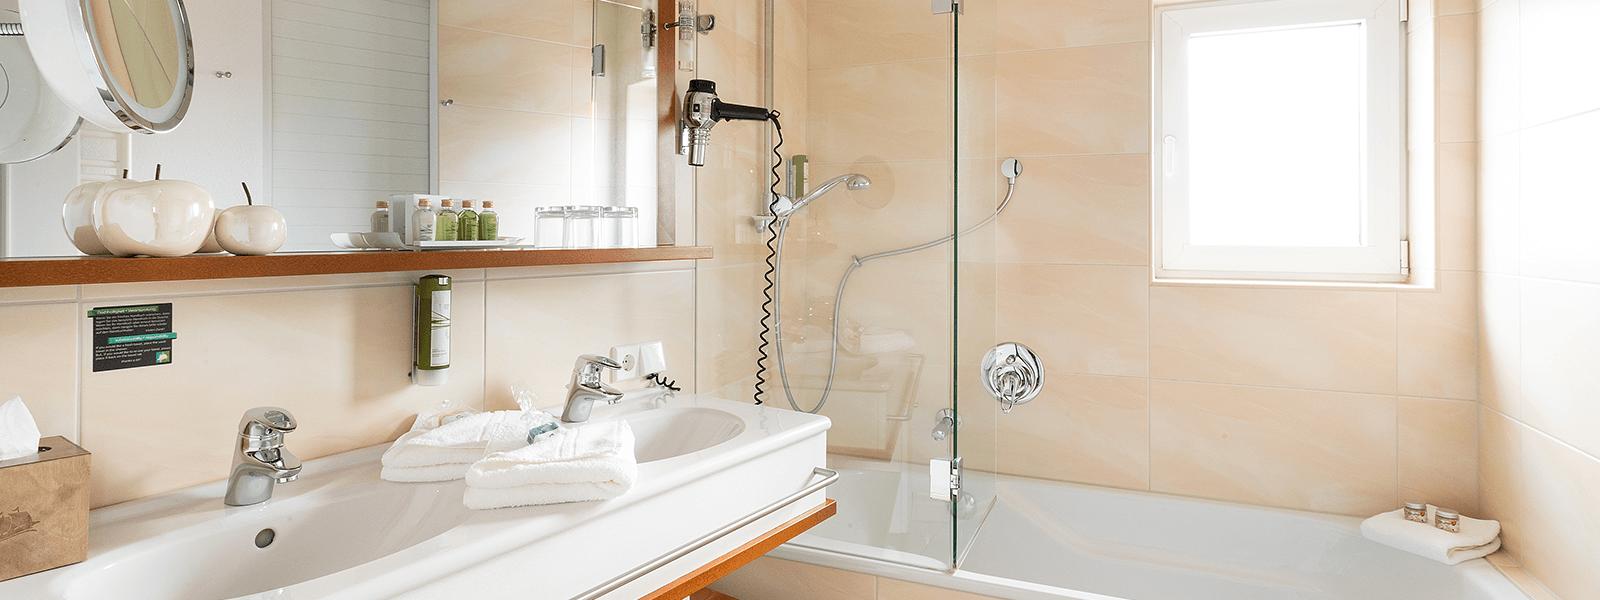 Blick ins Bad auf Waschbecken und Badewanne